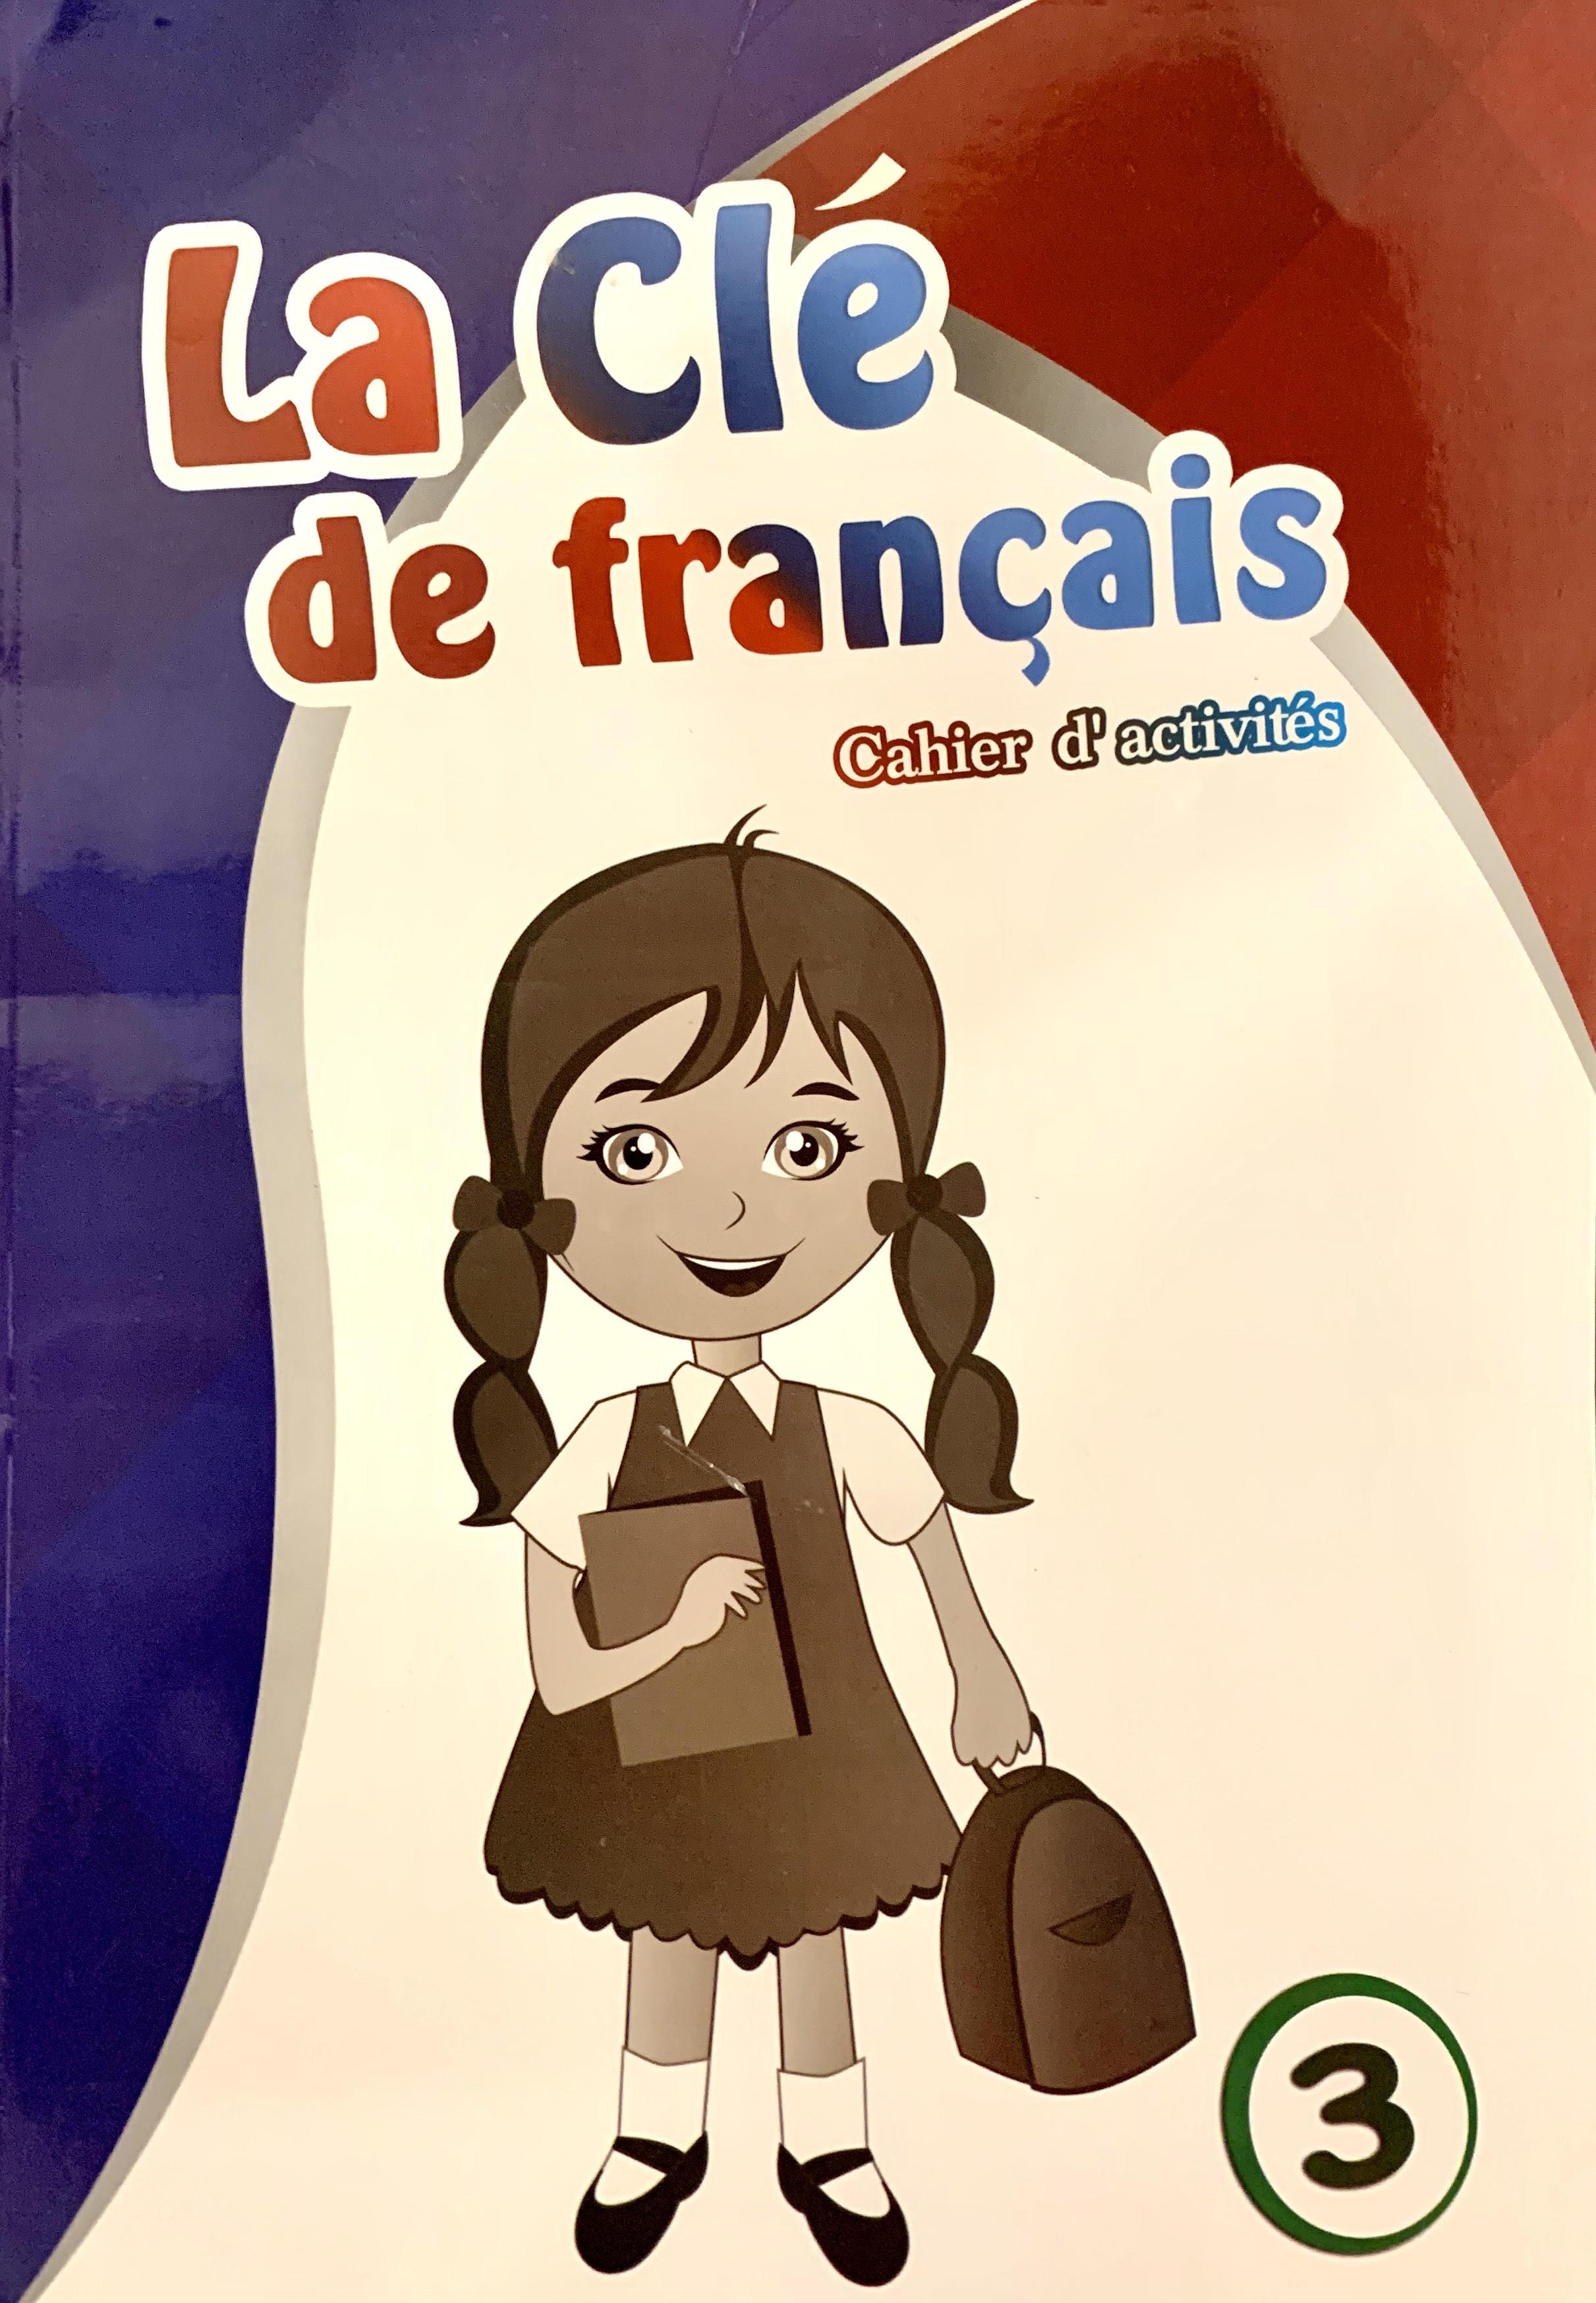 La Cle de Francais Activites 3